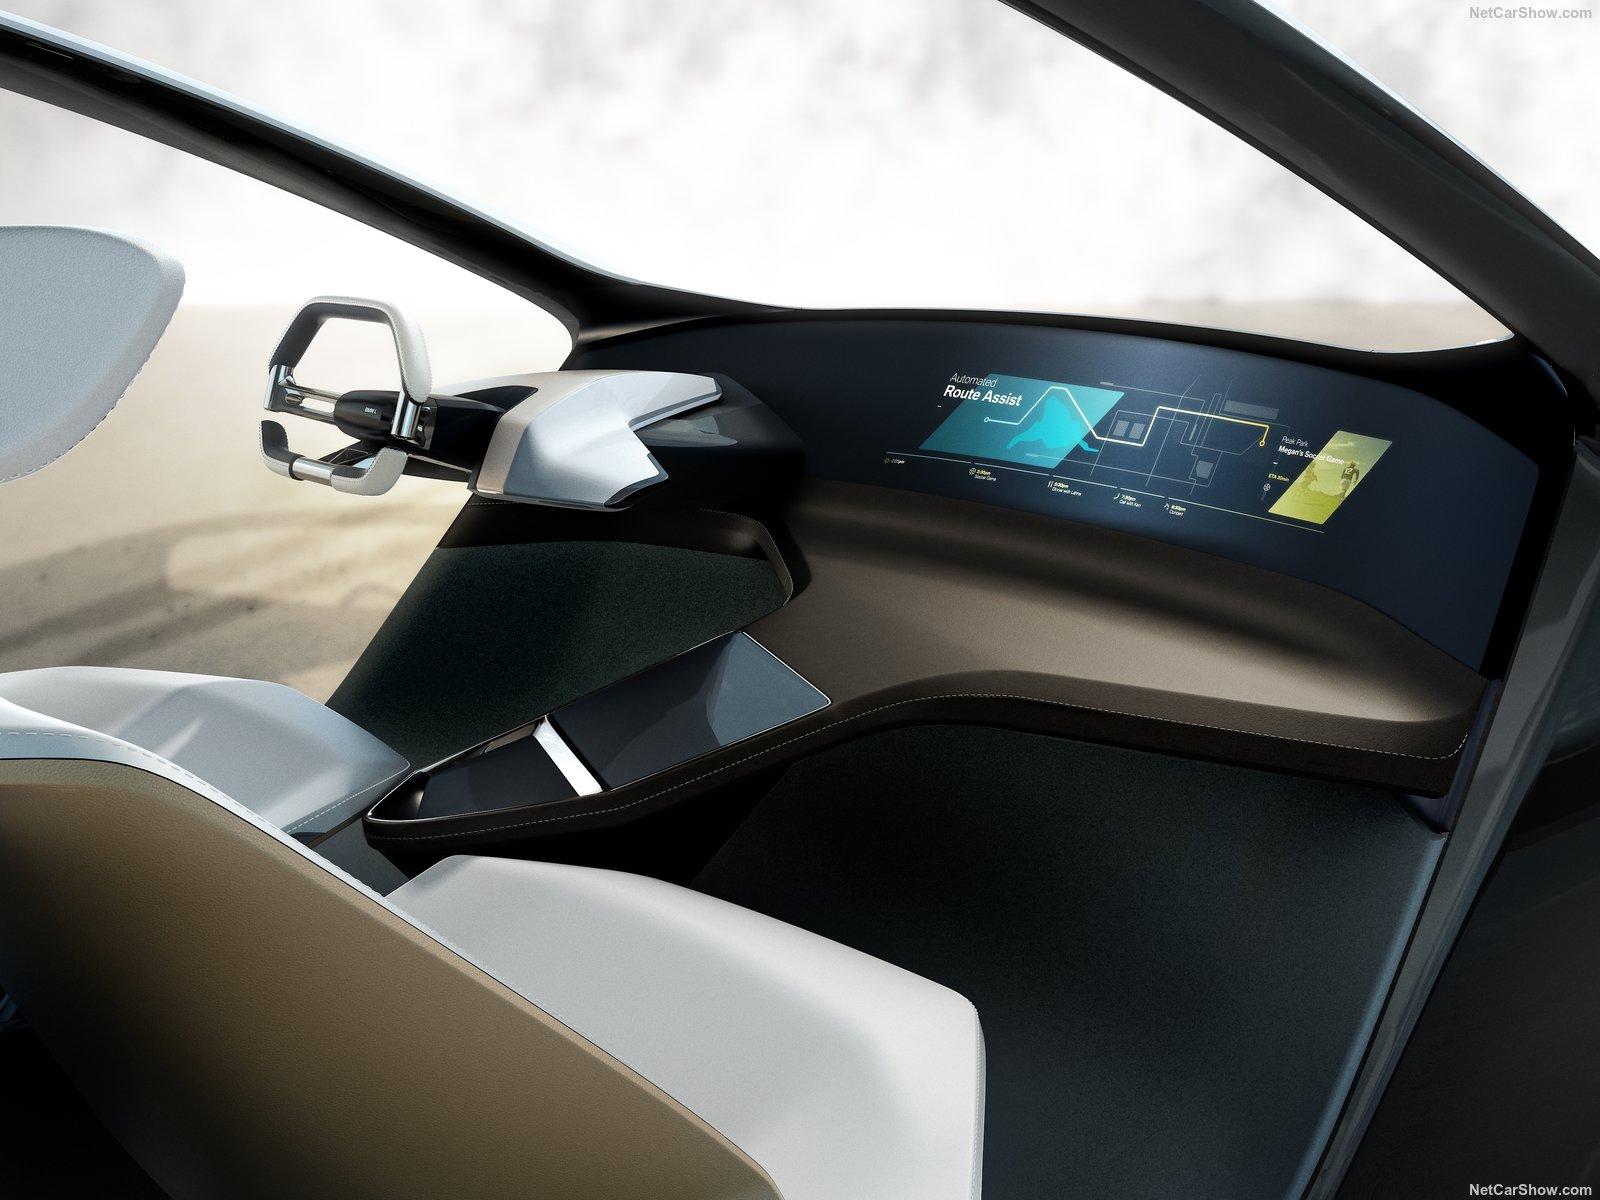 BMW-i_Inside_Future_Concept-2017-1600-04.jpg